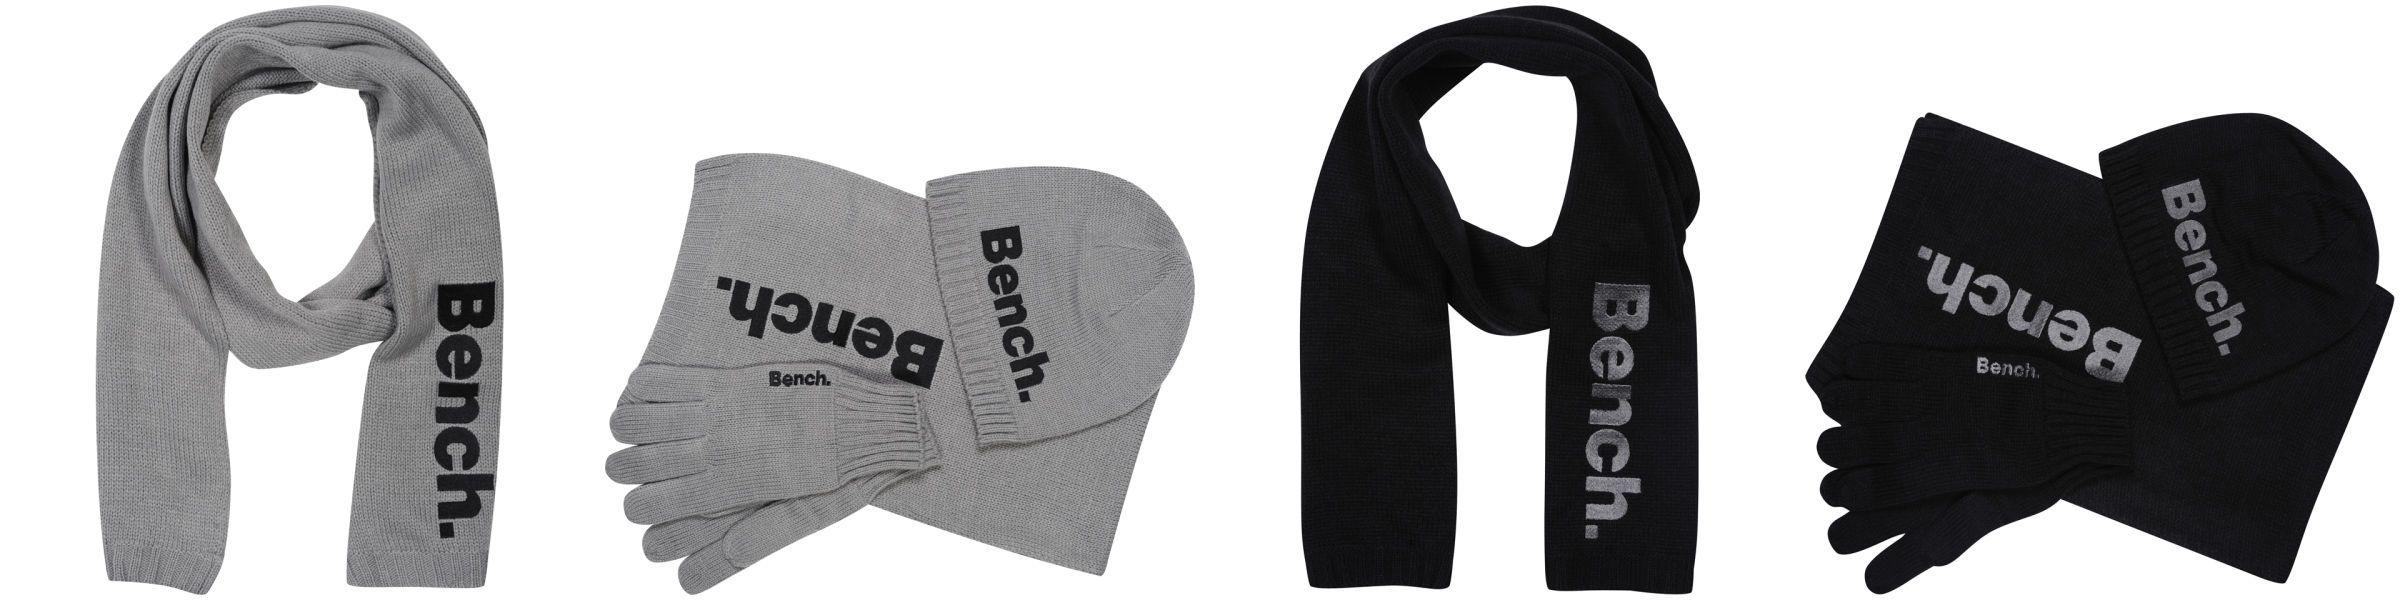 herren geschenk set everitt m tze schal handschuhe f r 14 99. Black Bedroom Furniture Sets. Home Design Ideas